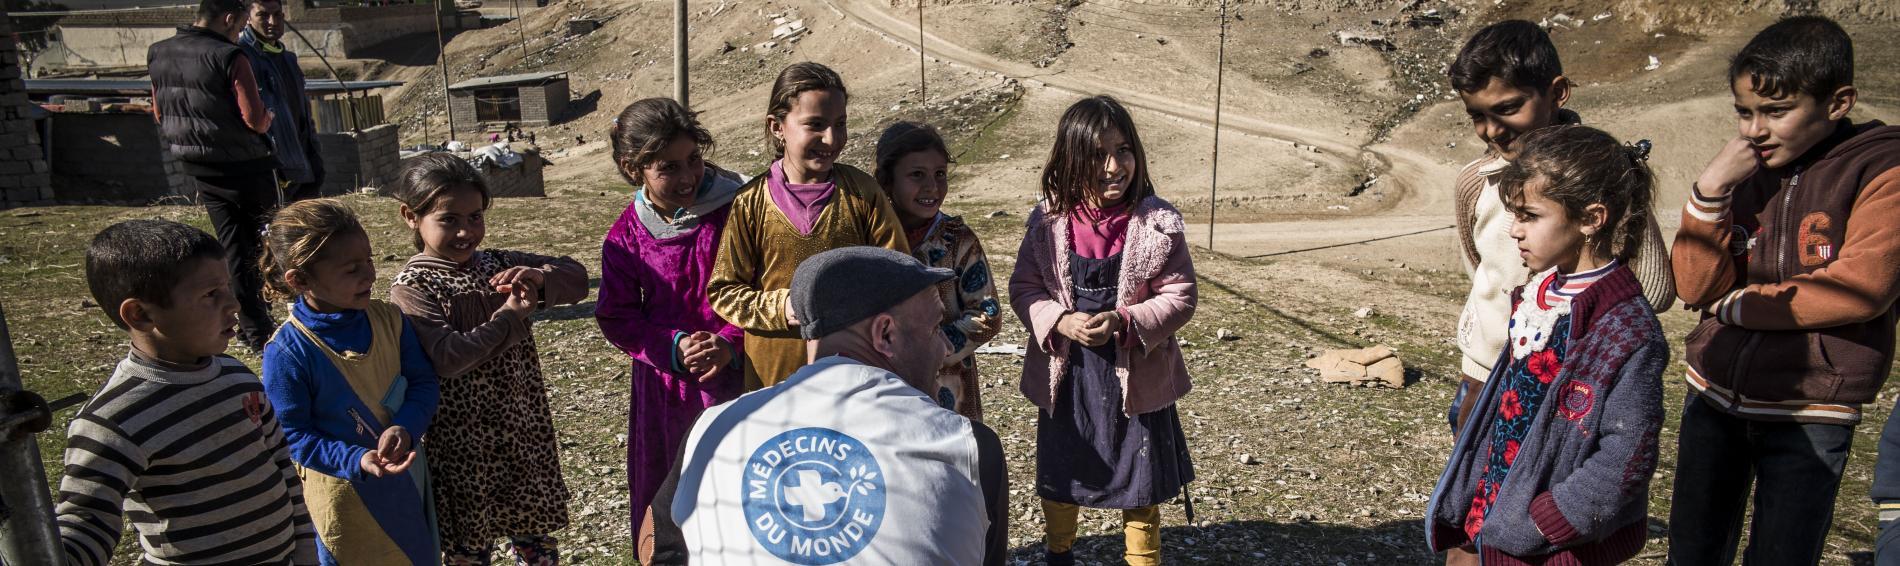 Ärzte der Welt kümmert sich um Kinder im Irak